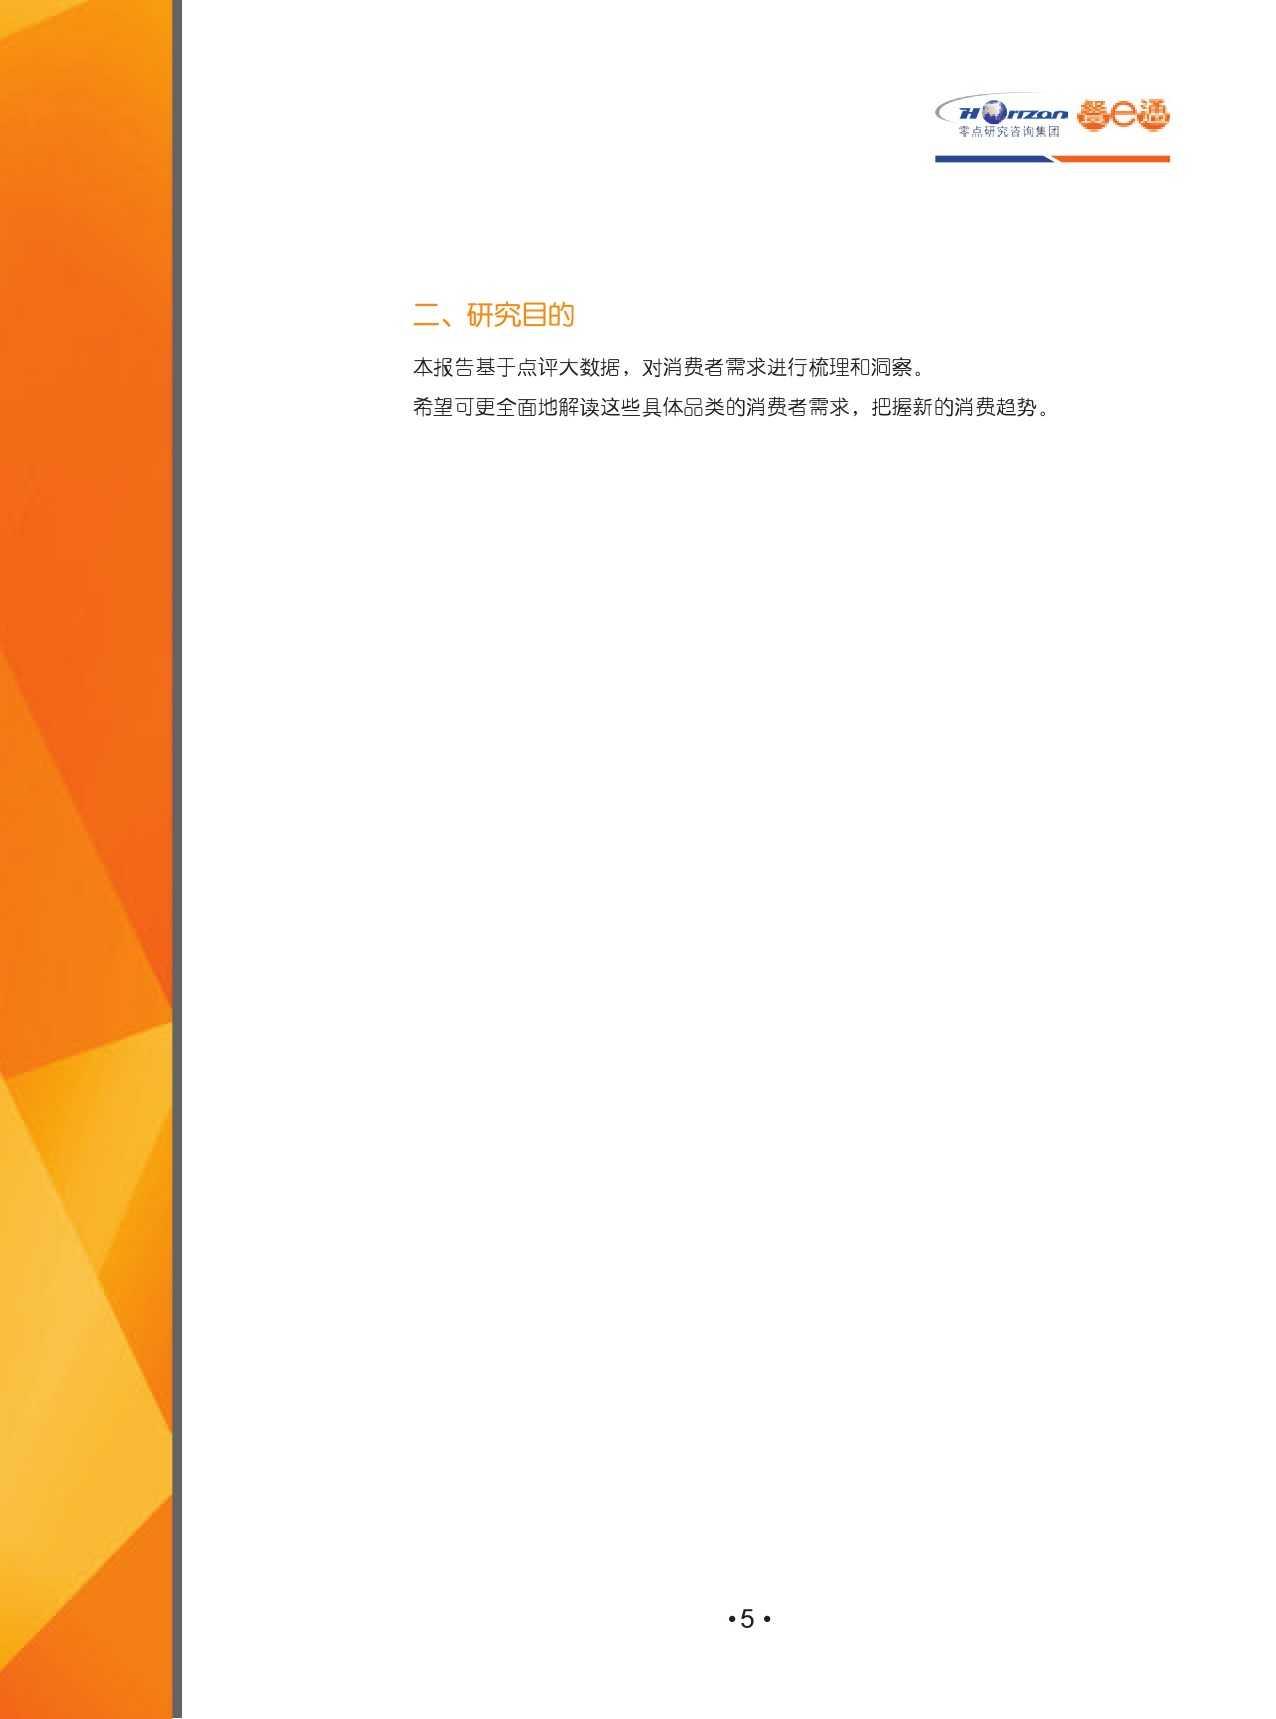 2015中国餐饮消费需求大数据分析报告_000007